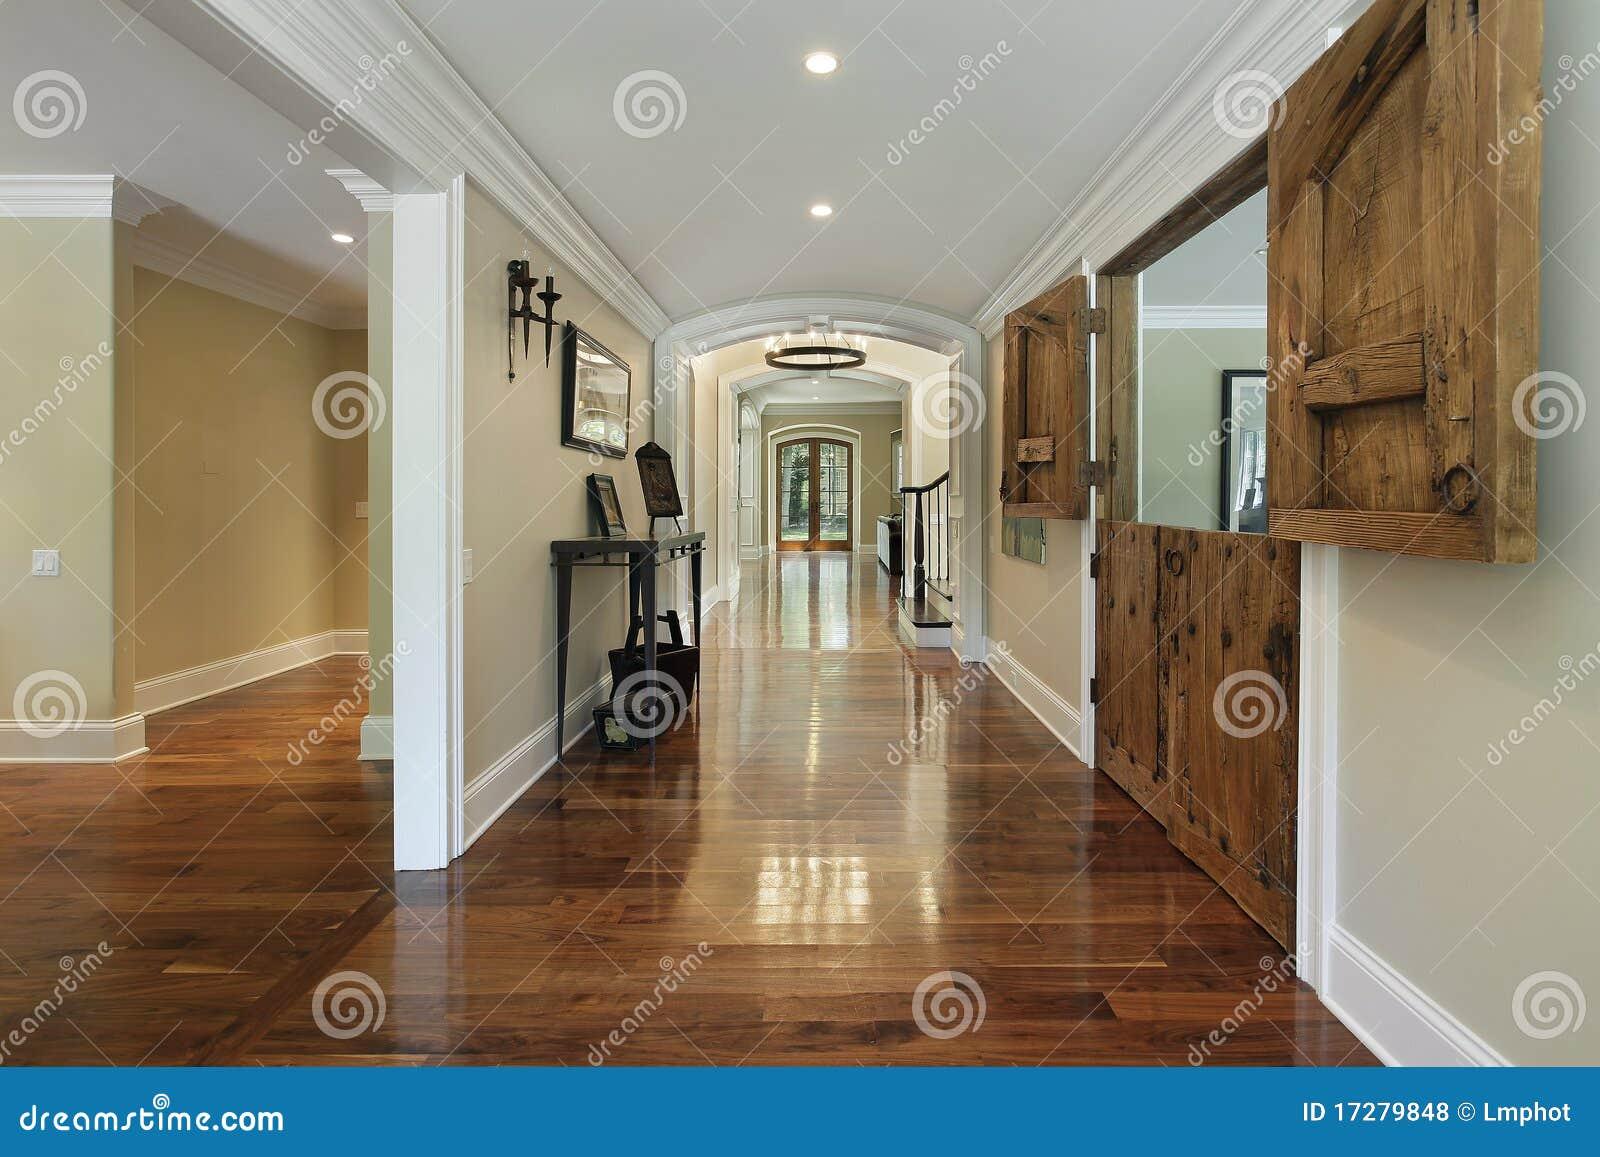 Lange lounge met houten staldeuren royalty vrije stock foto 39 s afbeelding 17279848 - Eigentijdse houten lounge ...